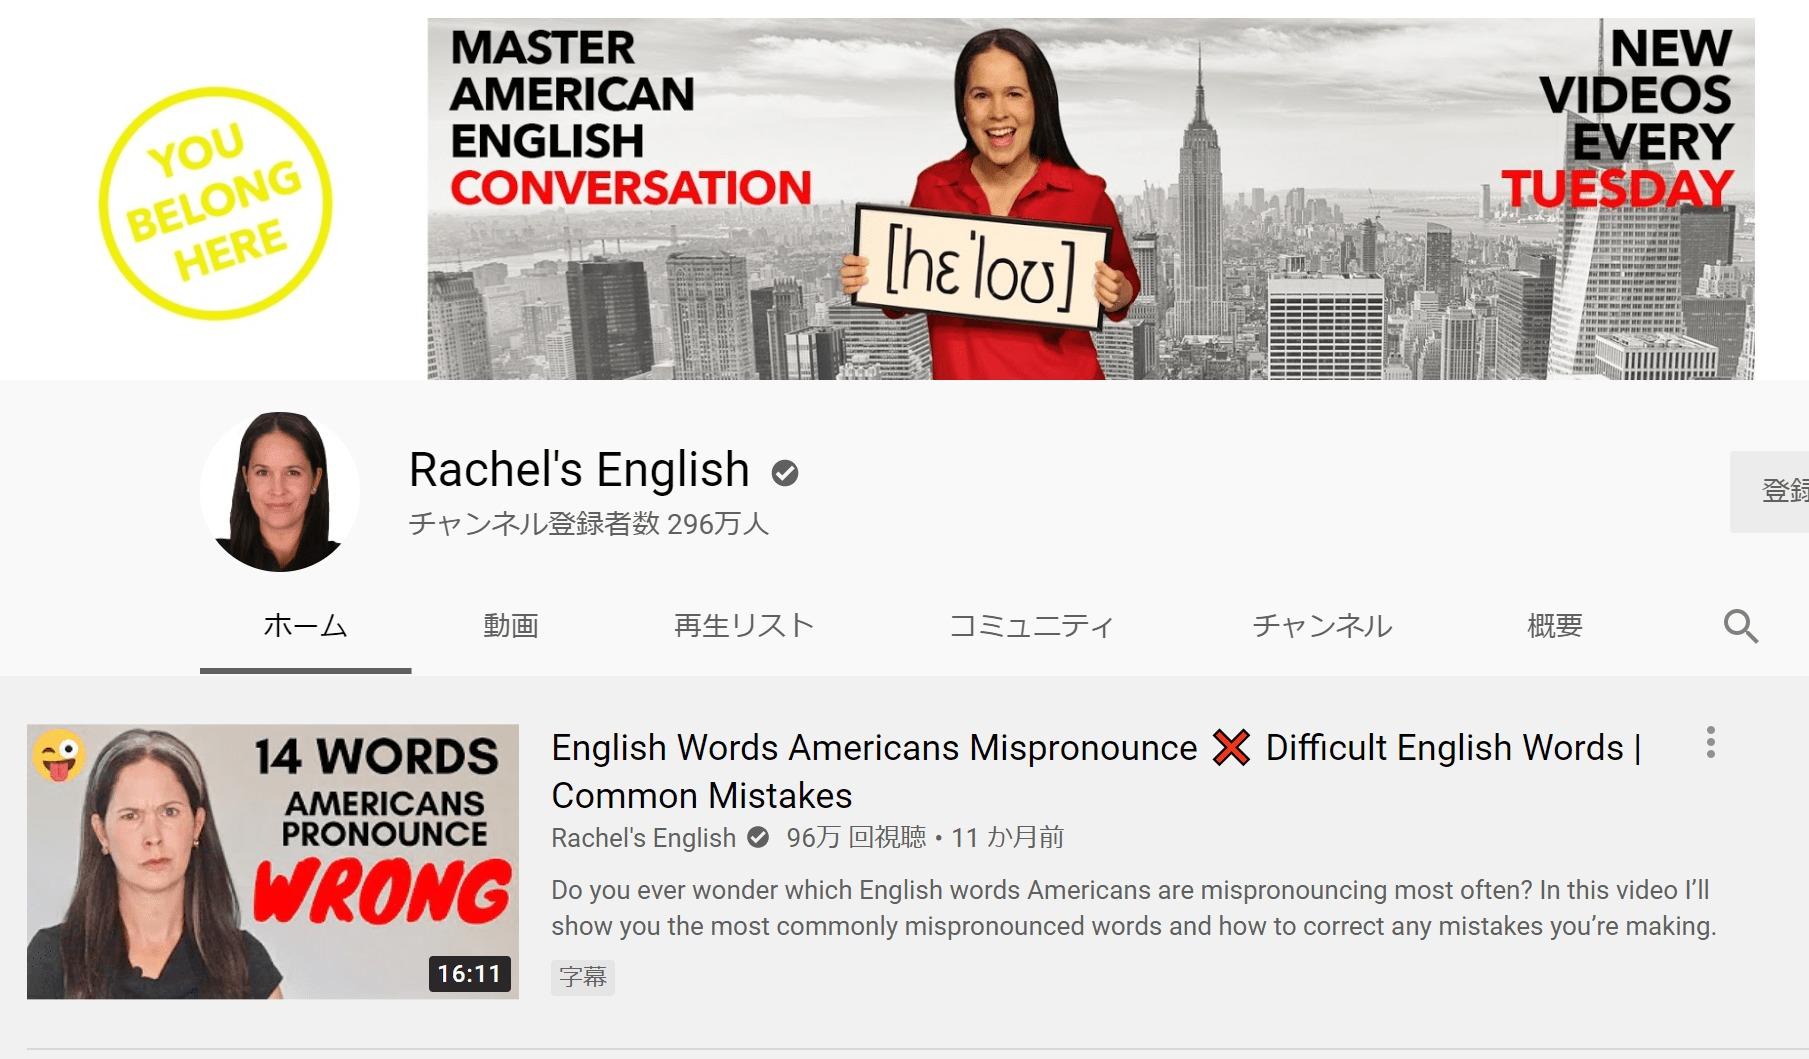 Rachel's English